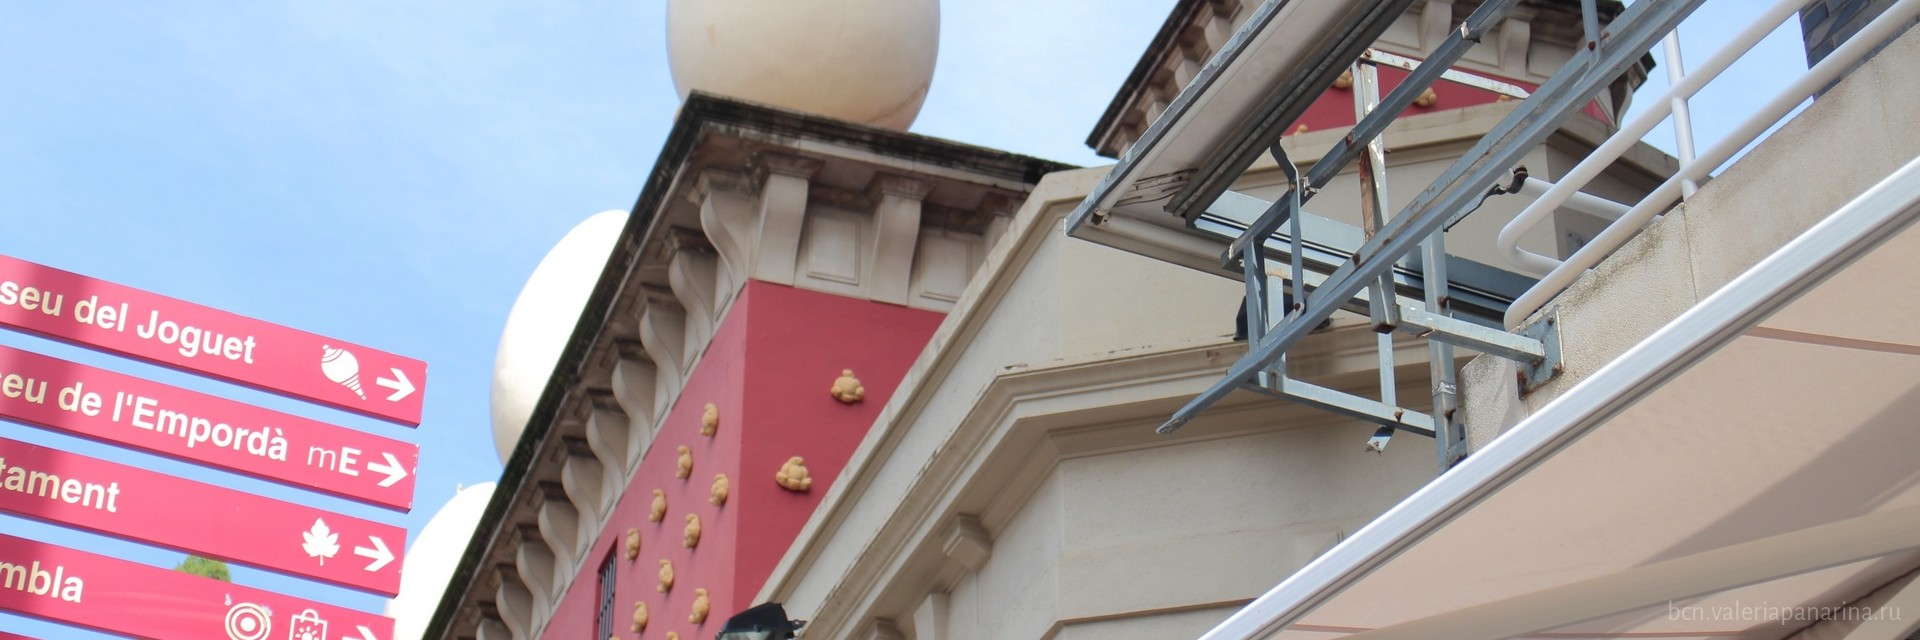 Театр-музей Сальвадора Дали: лабиринт иллюзий великого мистификатора